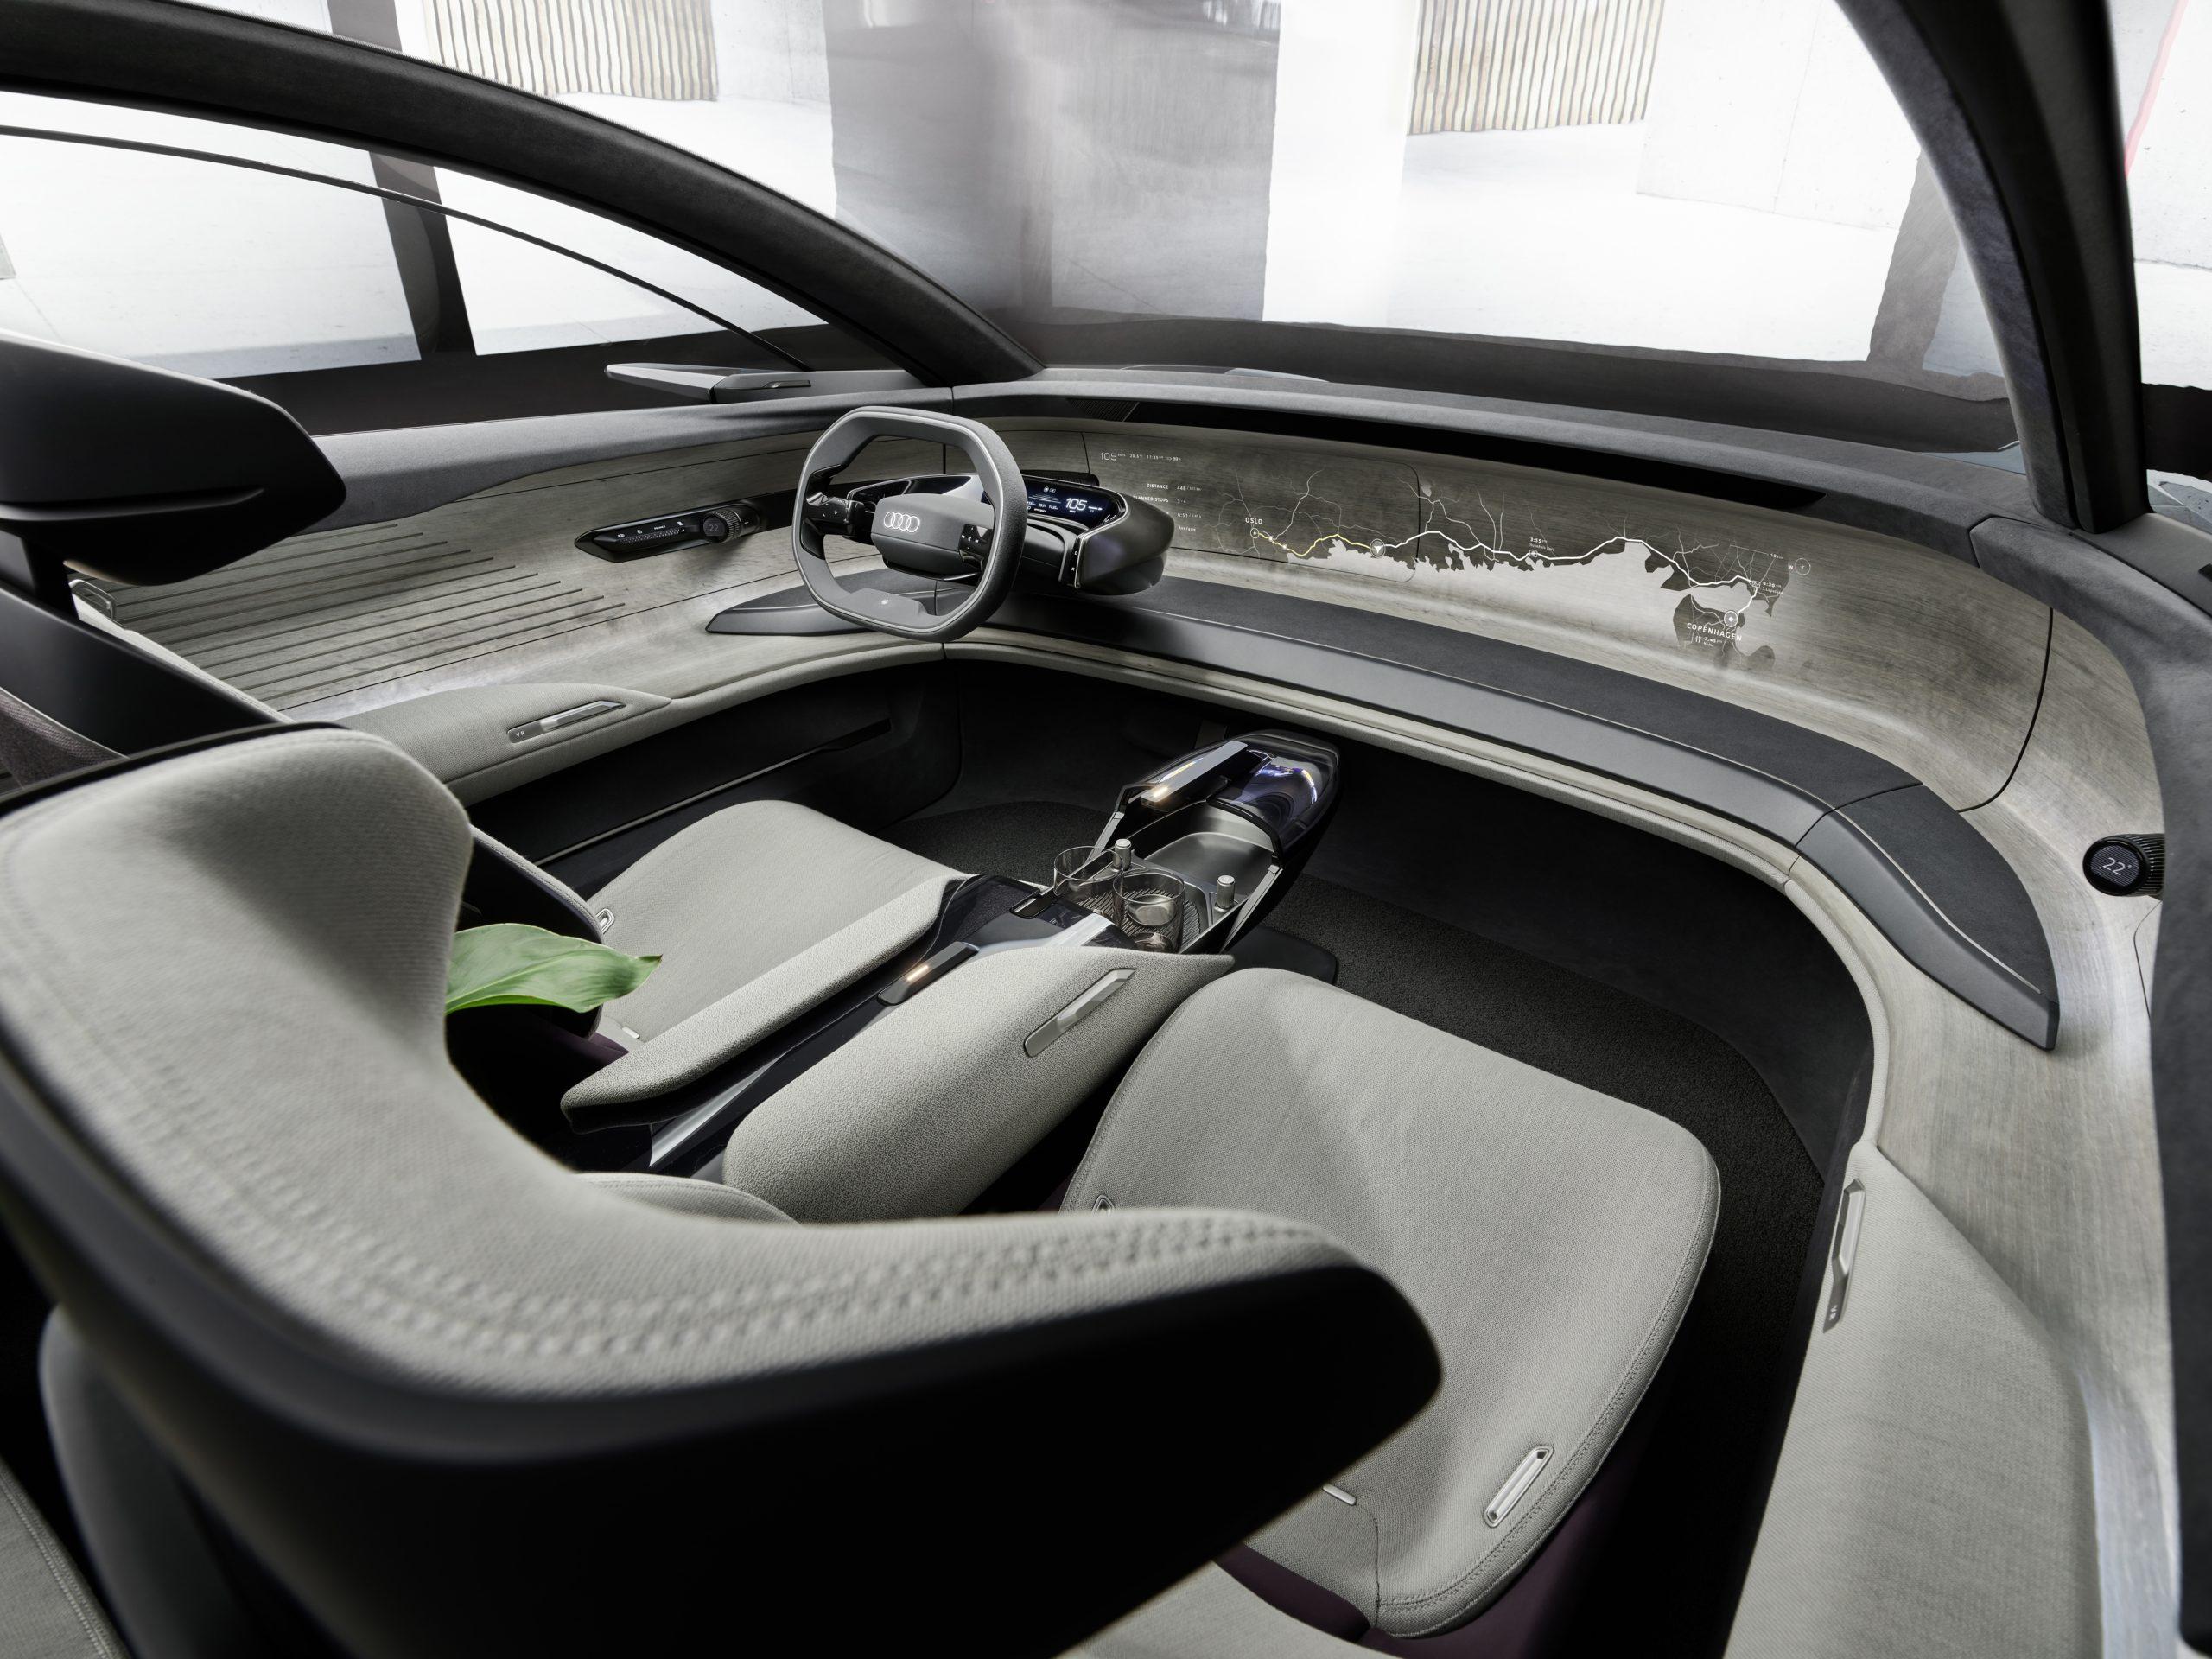 Audi Grand Sphere interior 2